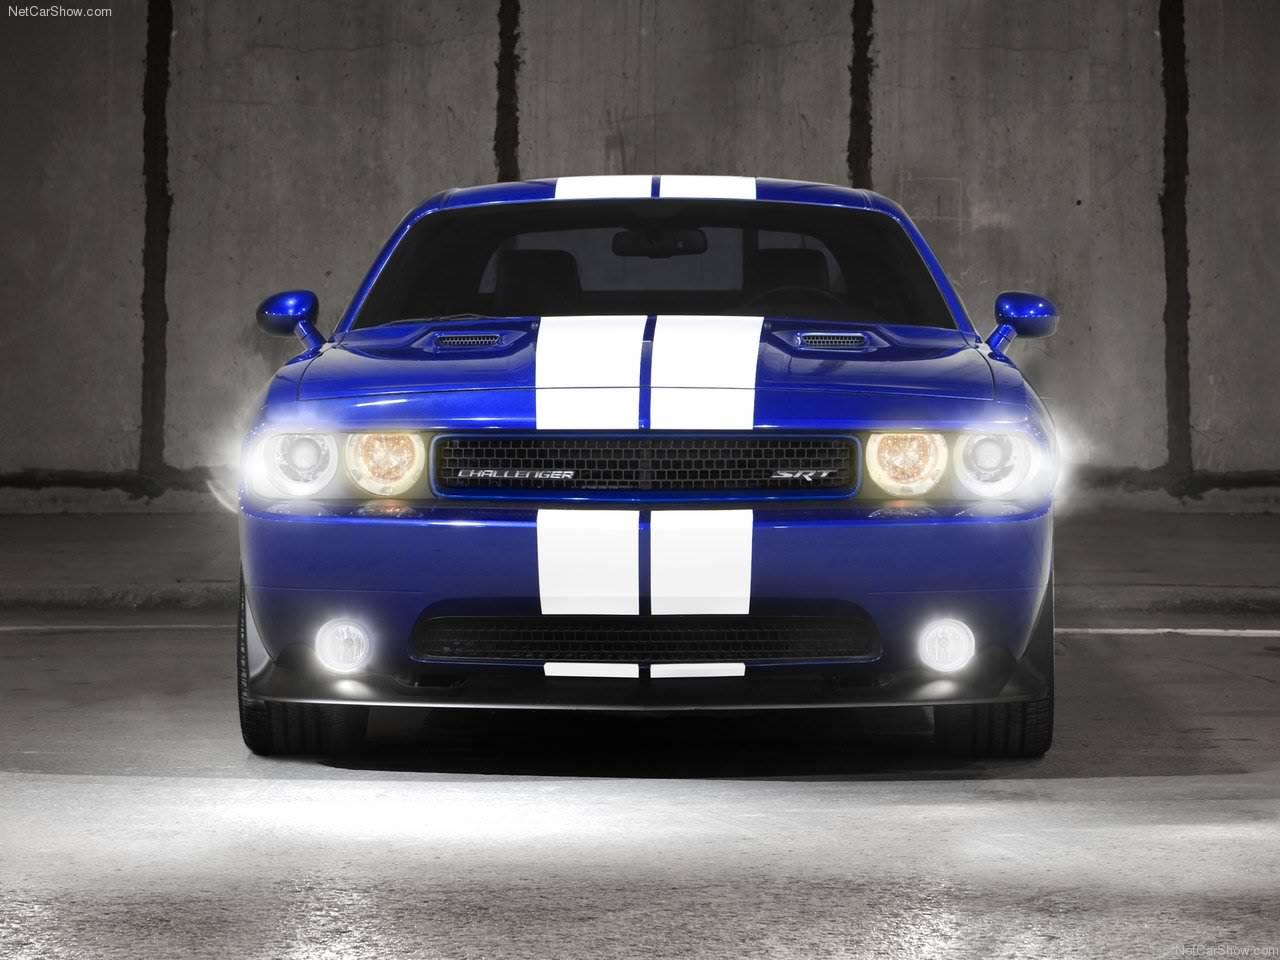 http://4.bp.blogspot.com/_1vrTNYggO-A/TQ5oF4J0QOI/AAAAAAAAAKI/B6KXvQ_fgdI/s1600/Dodge-Challenger_SRT8_392_2011_1280x960_wallpaper_09.jpg